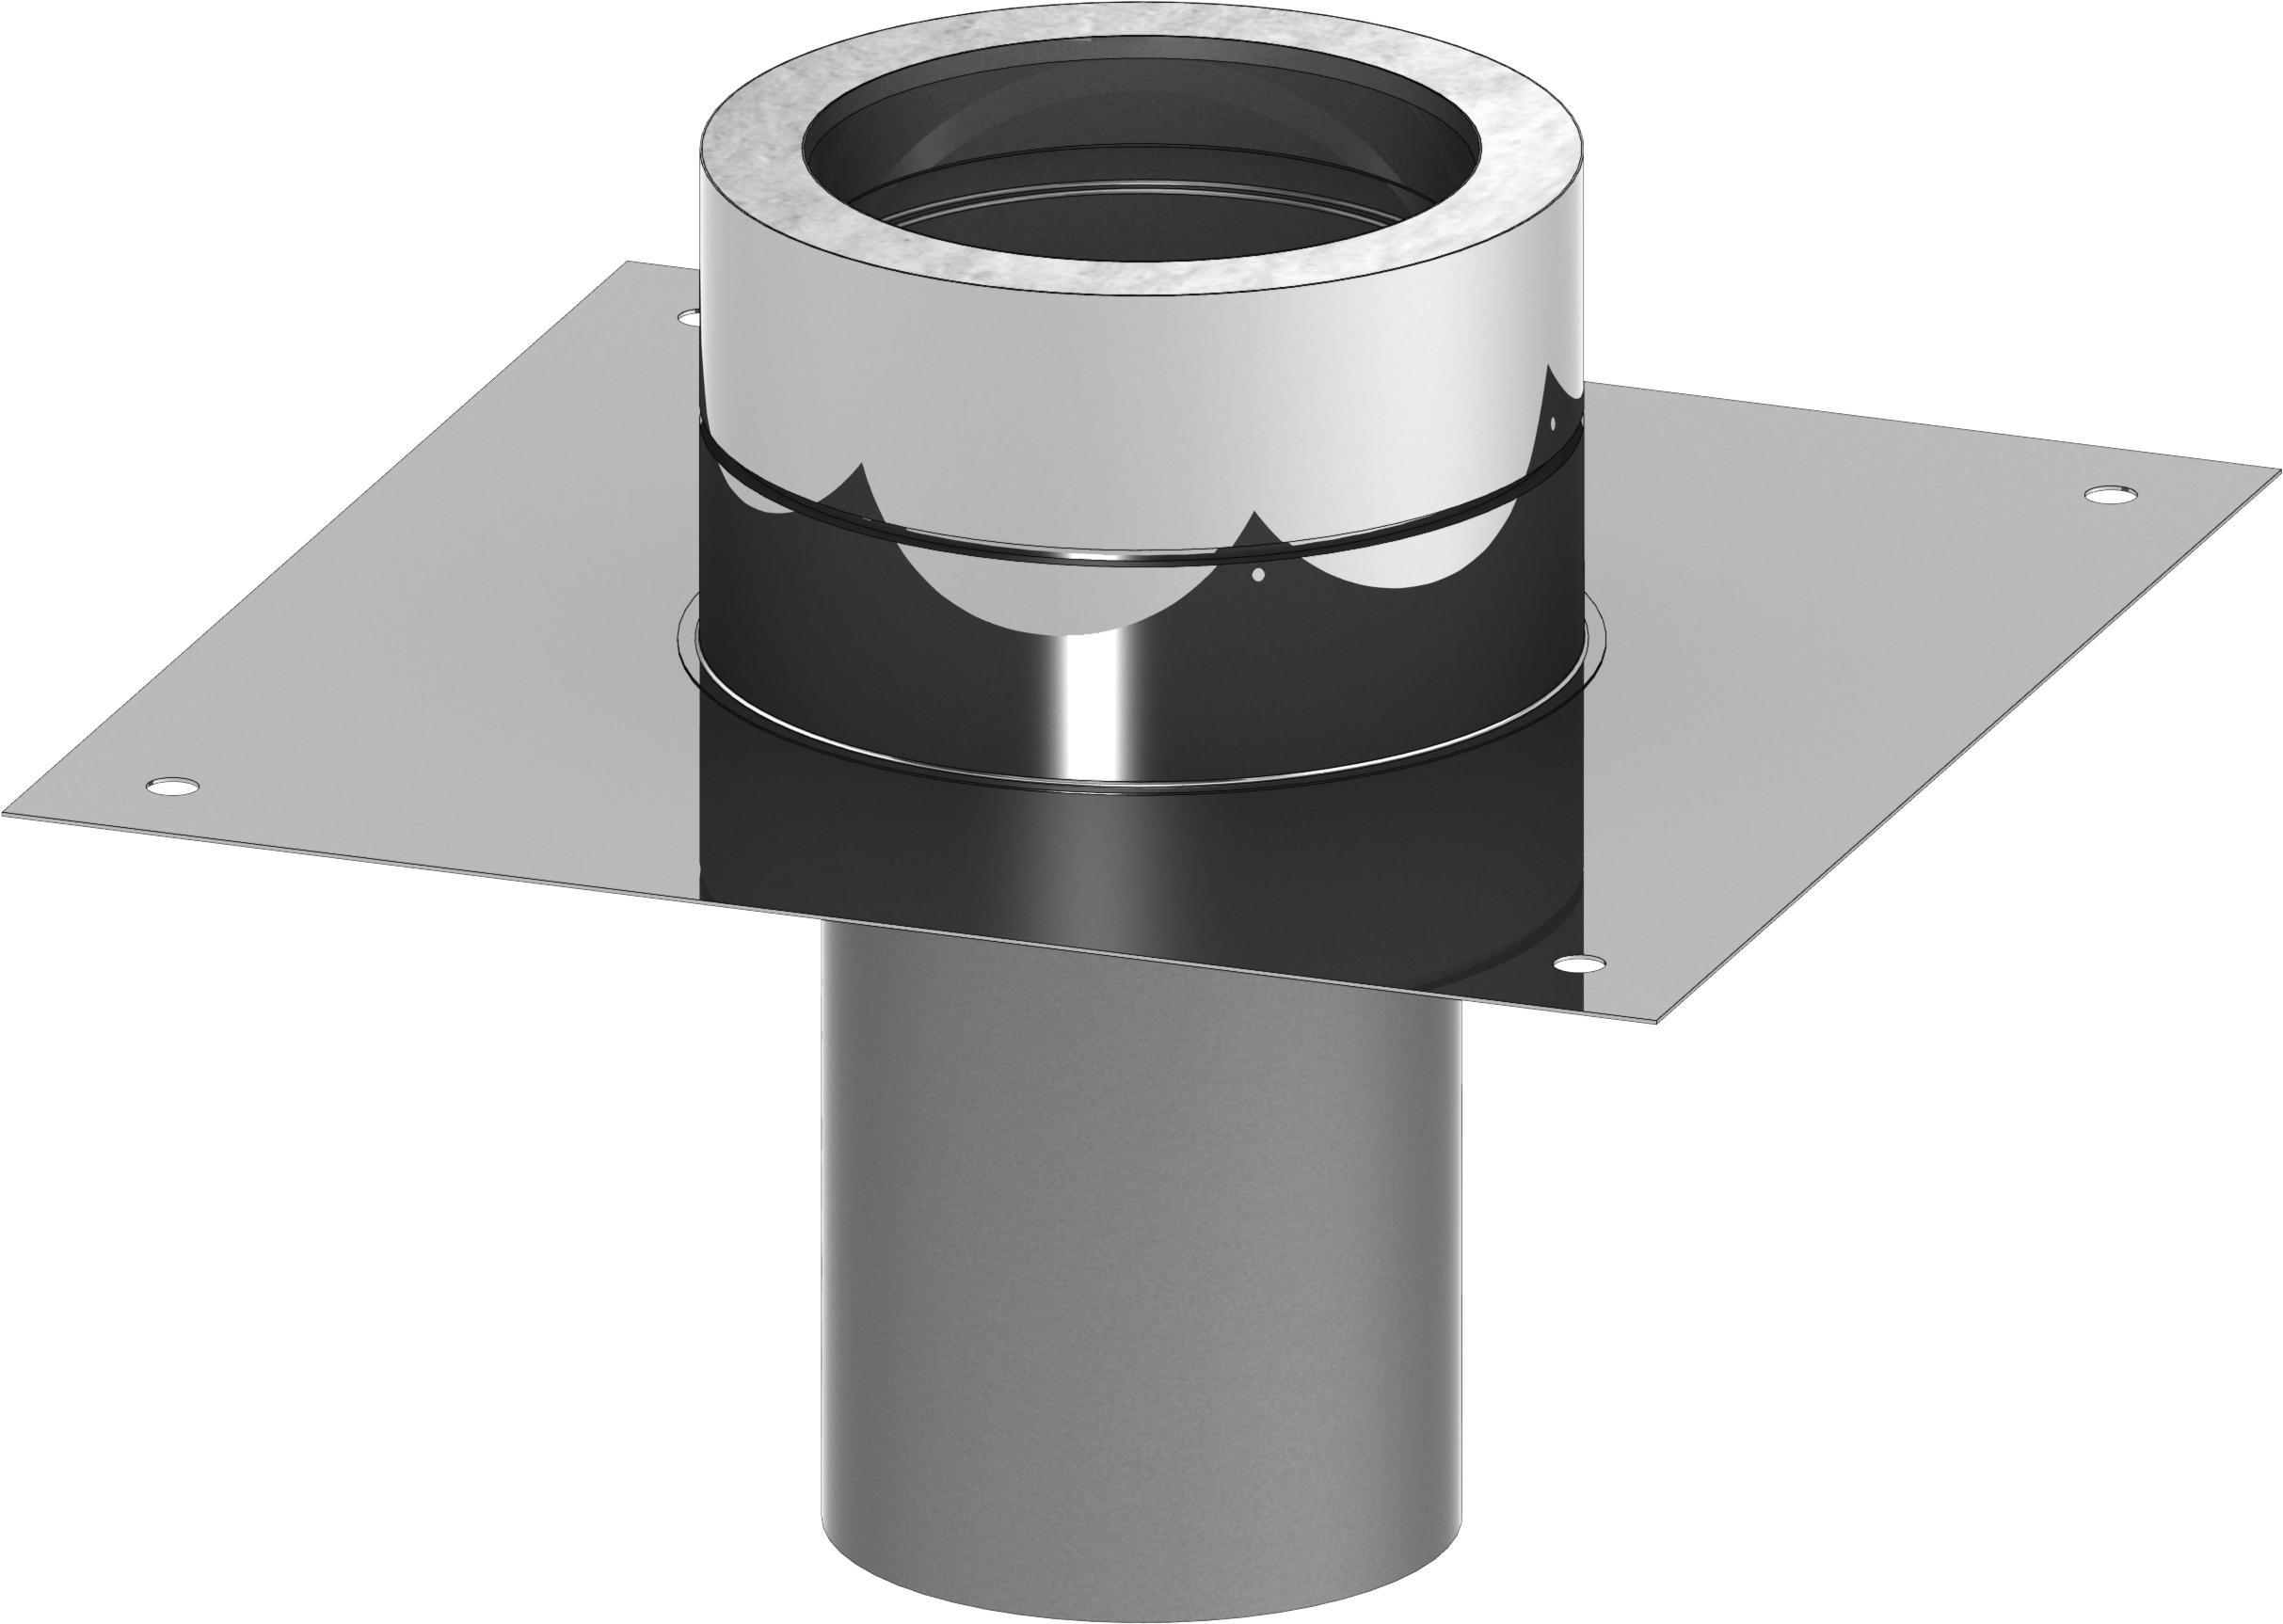 Grundplatte für Kaminerhöhung mit rundem Einschub - doppelwandig - Tecnovis TEC-DW-Standard